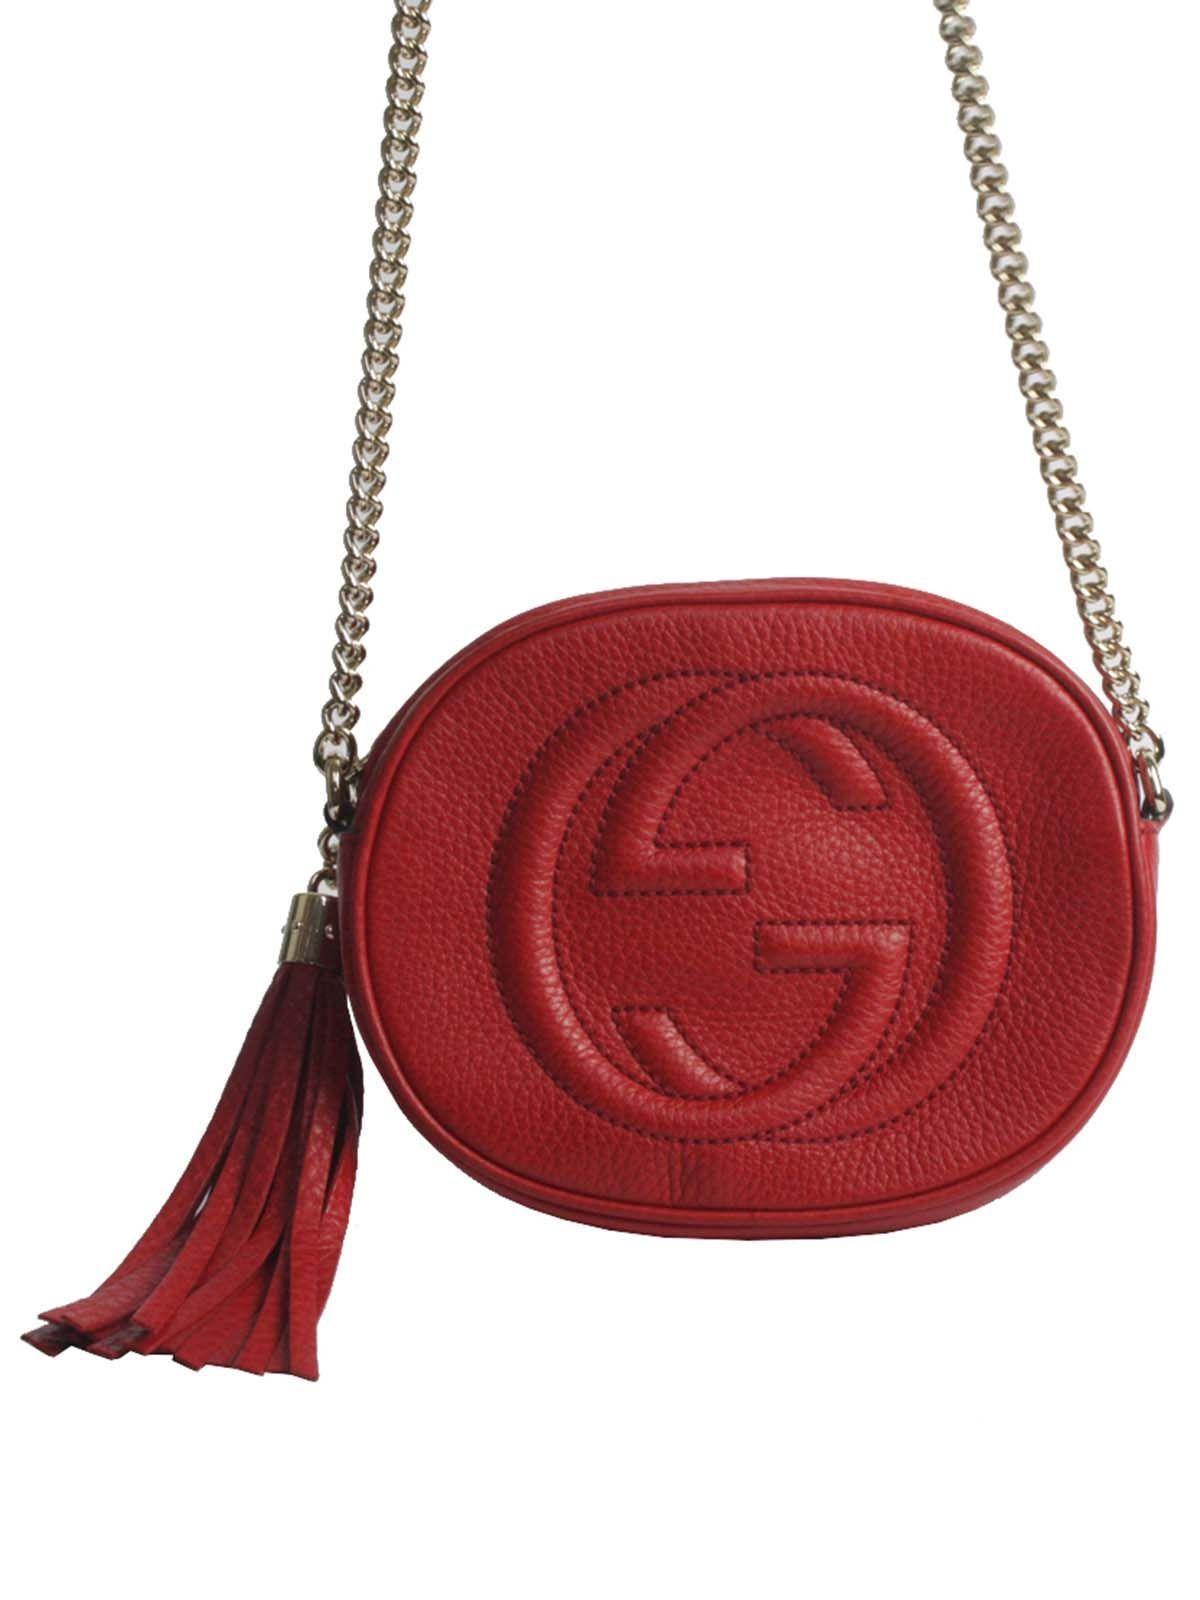 4ad0f0780 Bolsa da marca italiana Gucci, confeccionada em couro vermelho e ferragens  e corrente em dourado. A bolsa encontra-se em perfeito estado de  conservação.